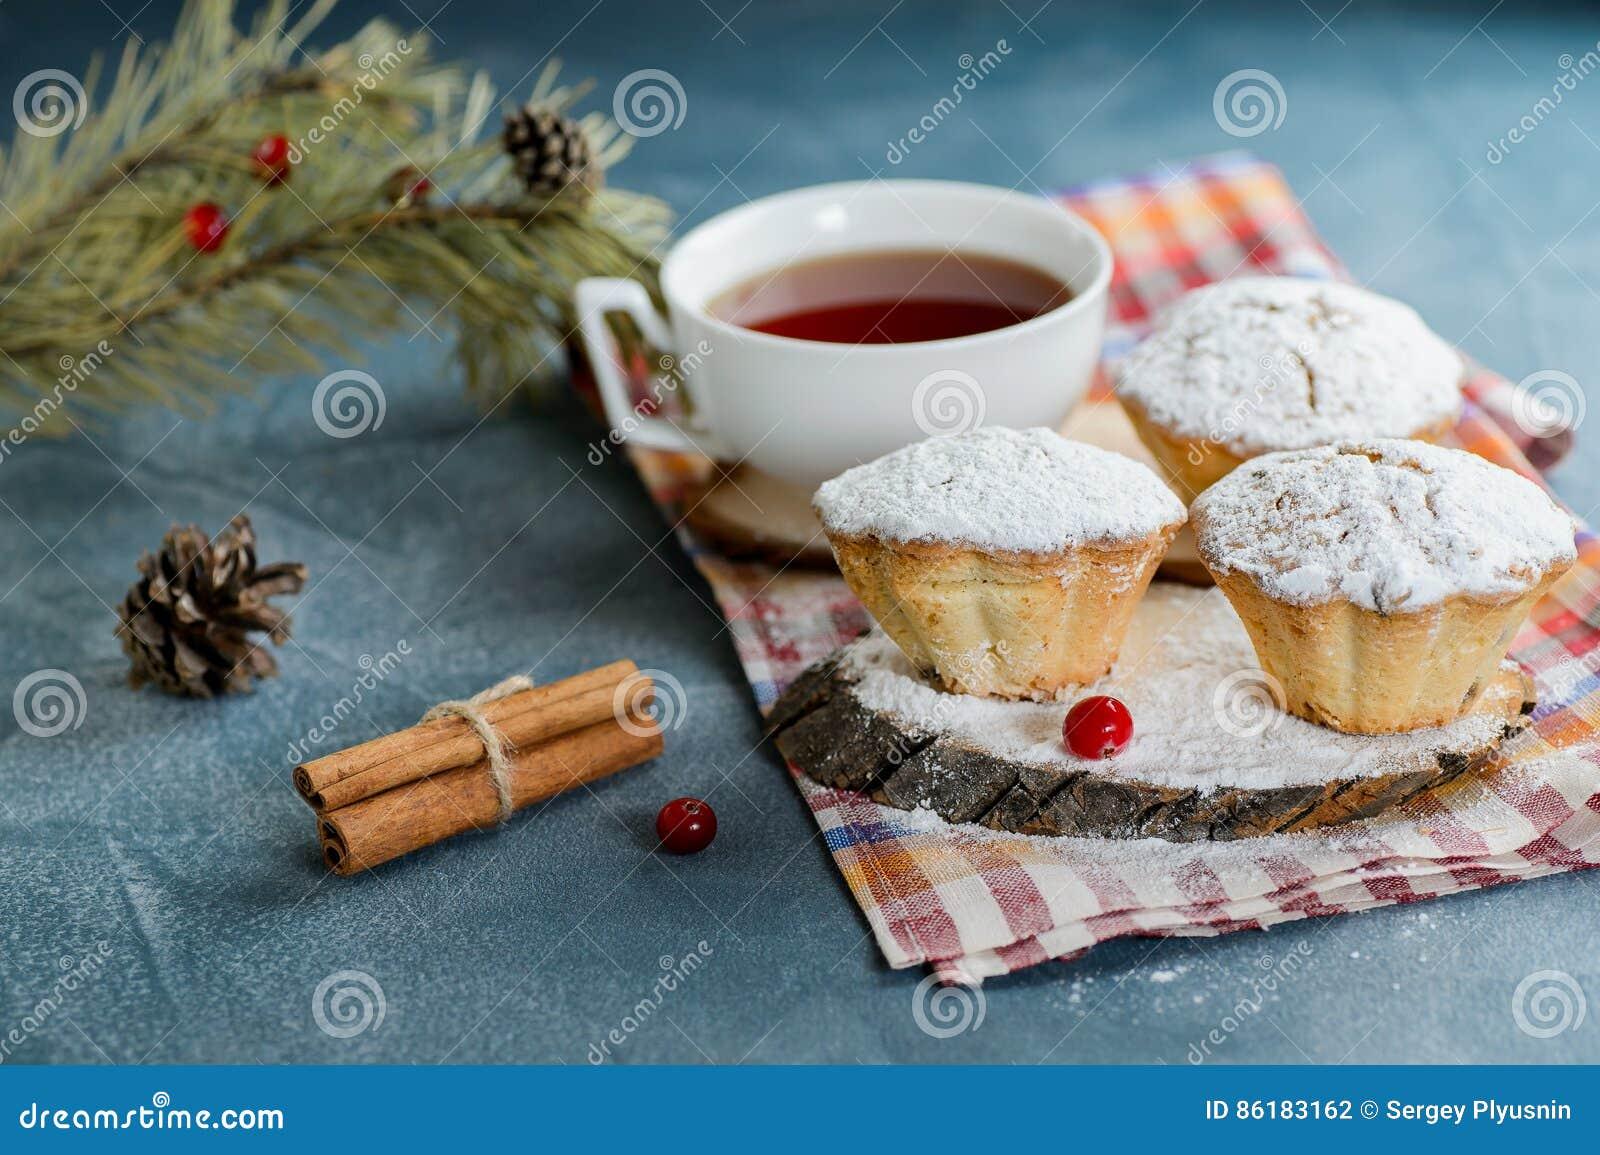 Petits pains faits maison frais de canneberge en sucre glace avec les branches et le thé de sapin